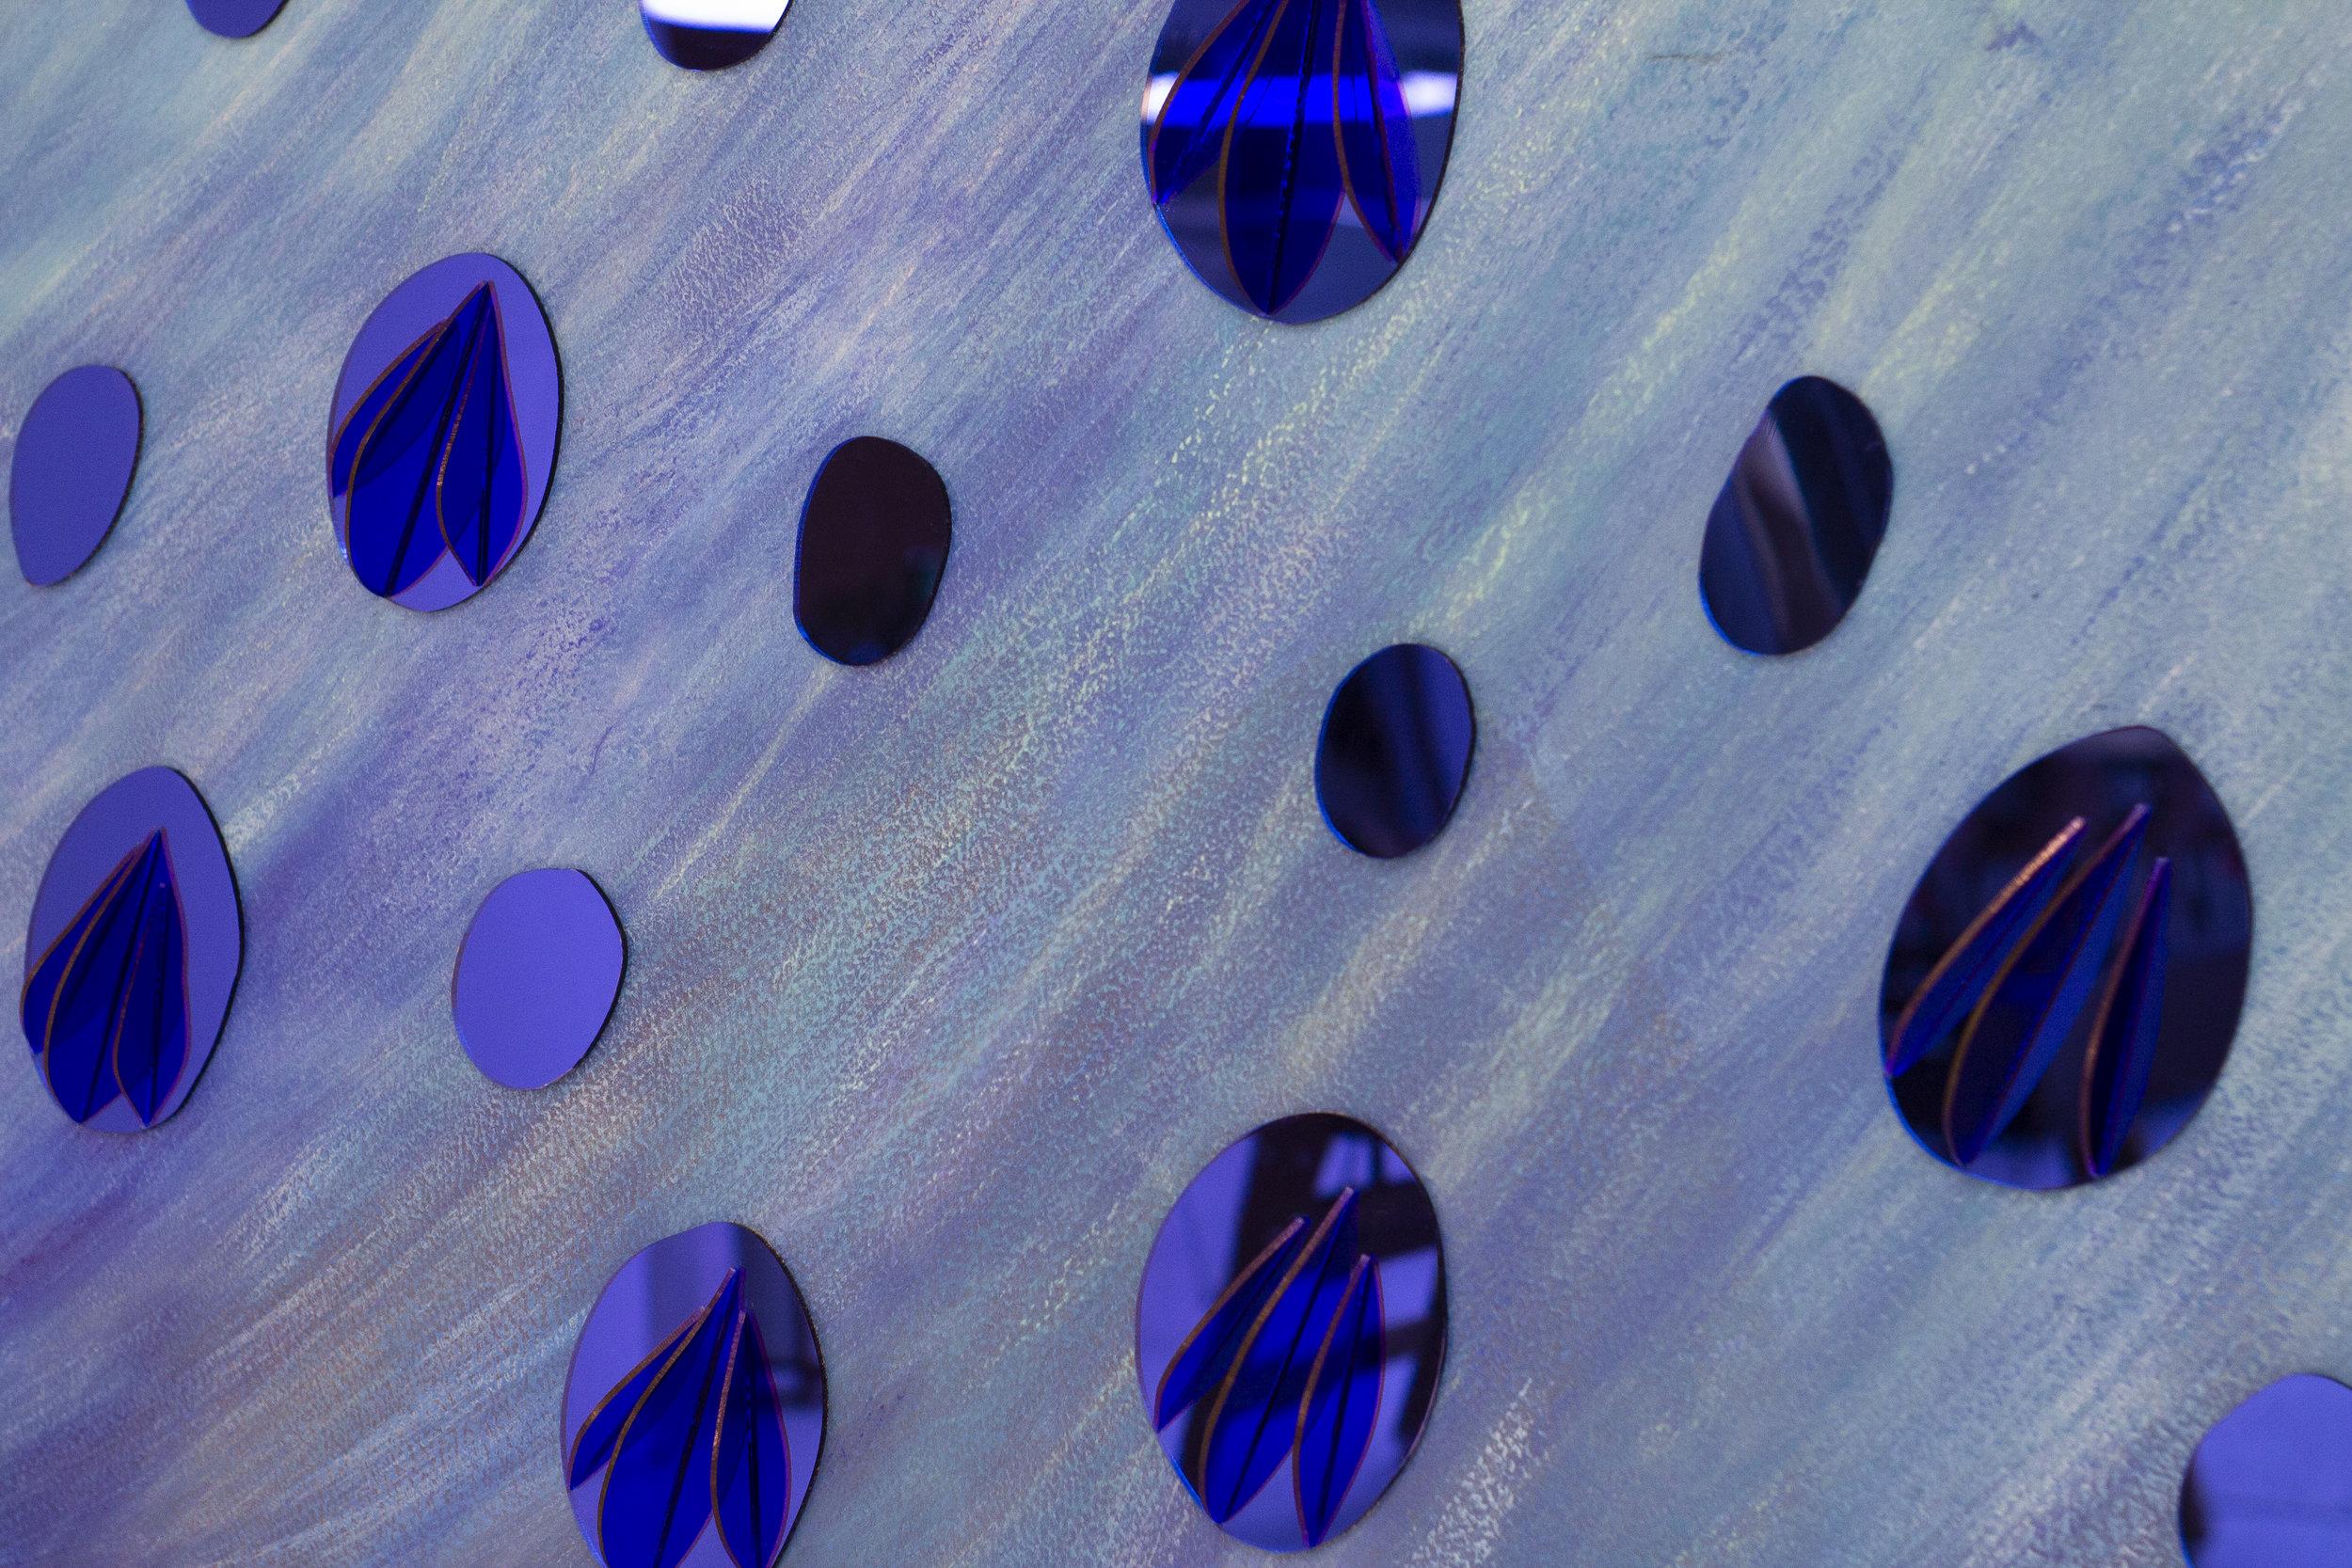 Rain-detail 2.jpg